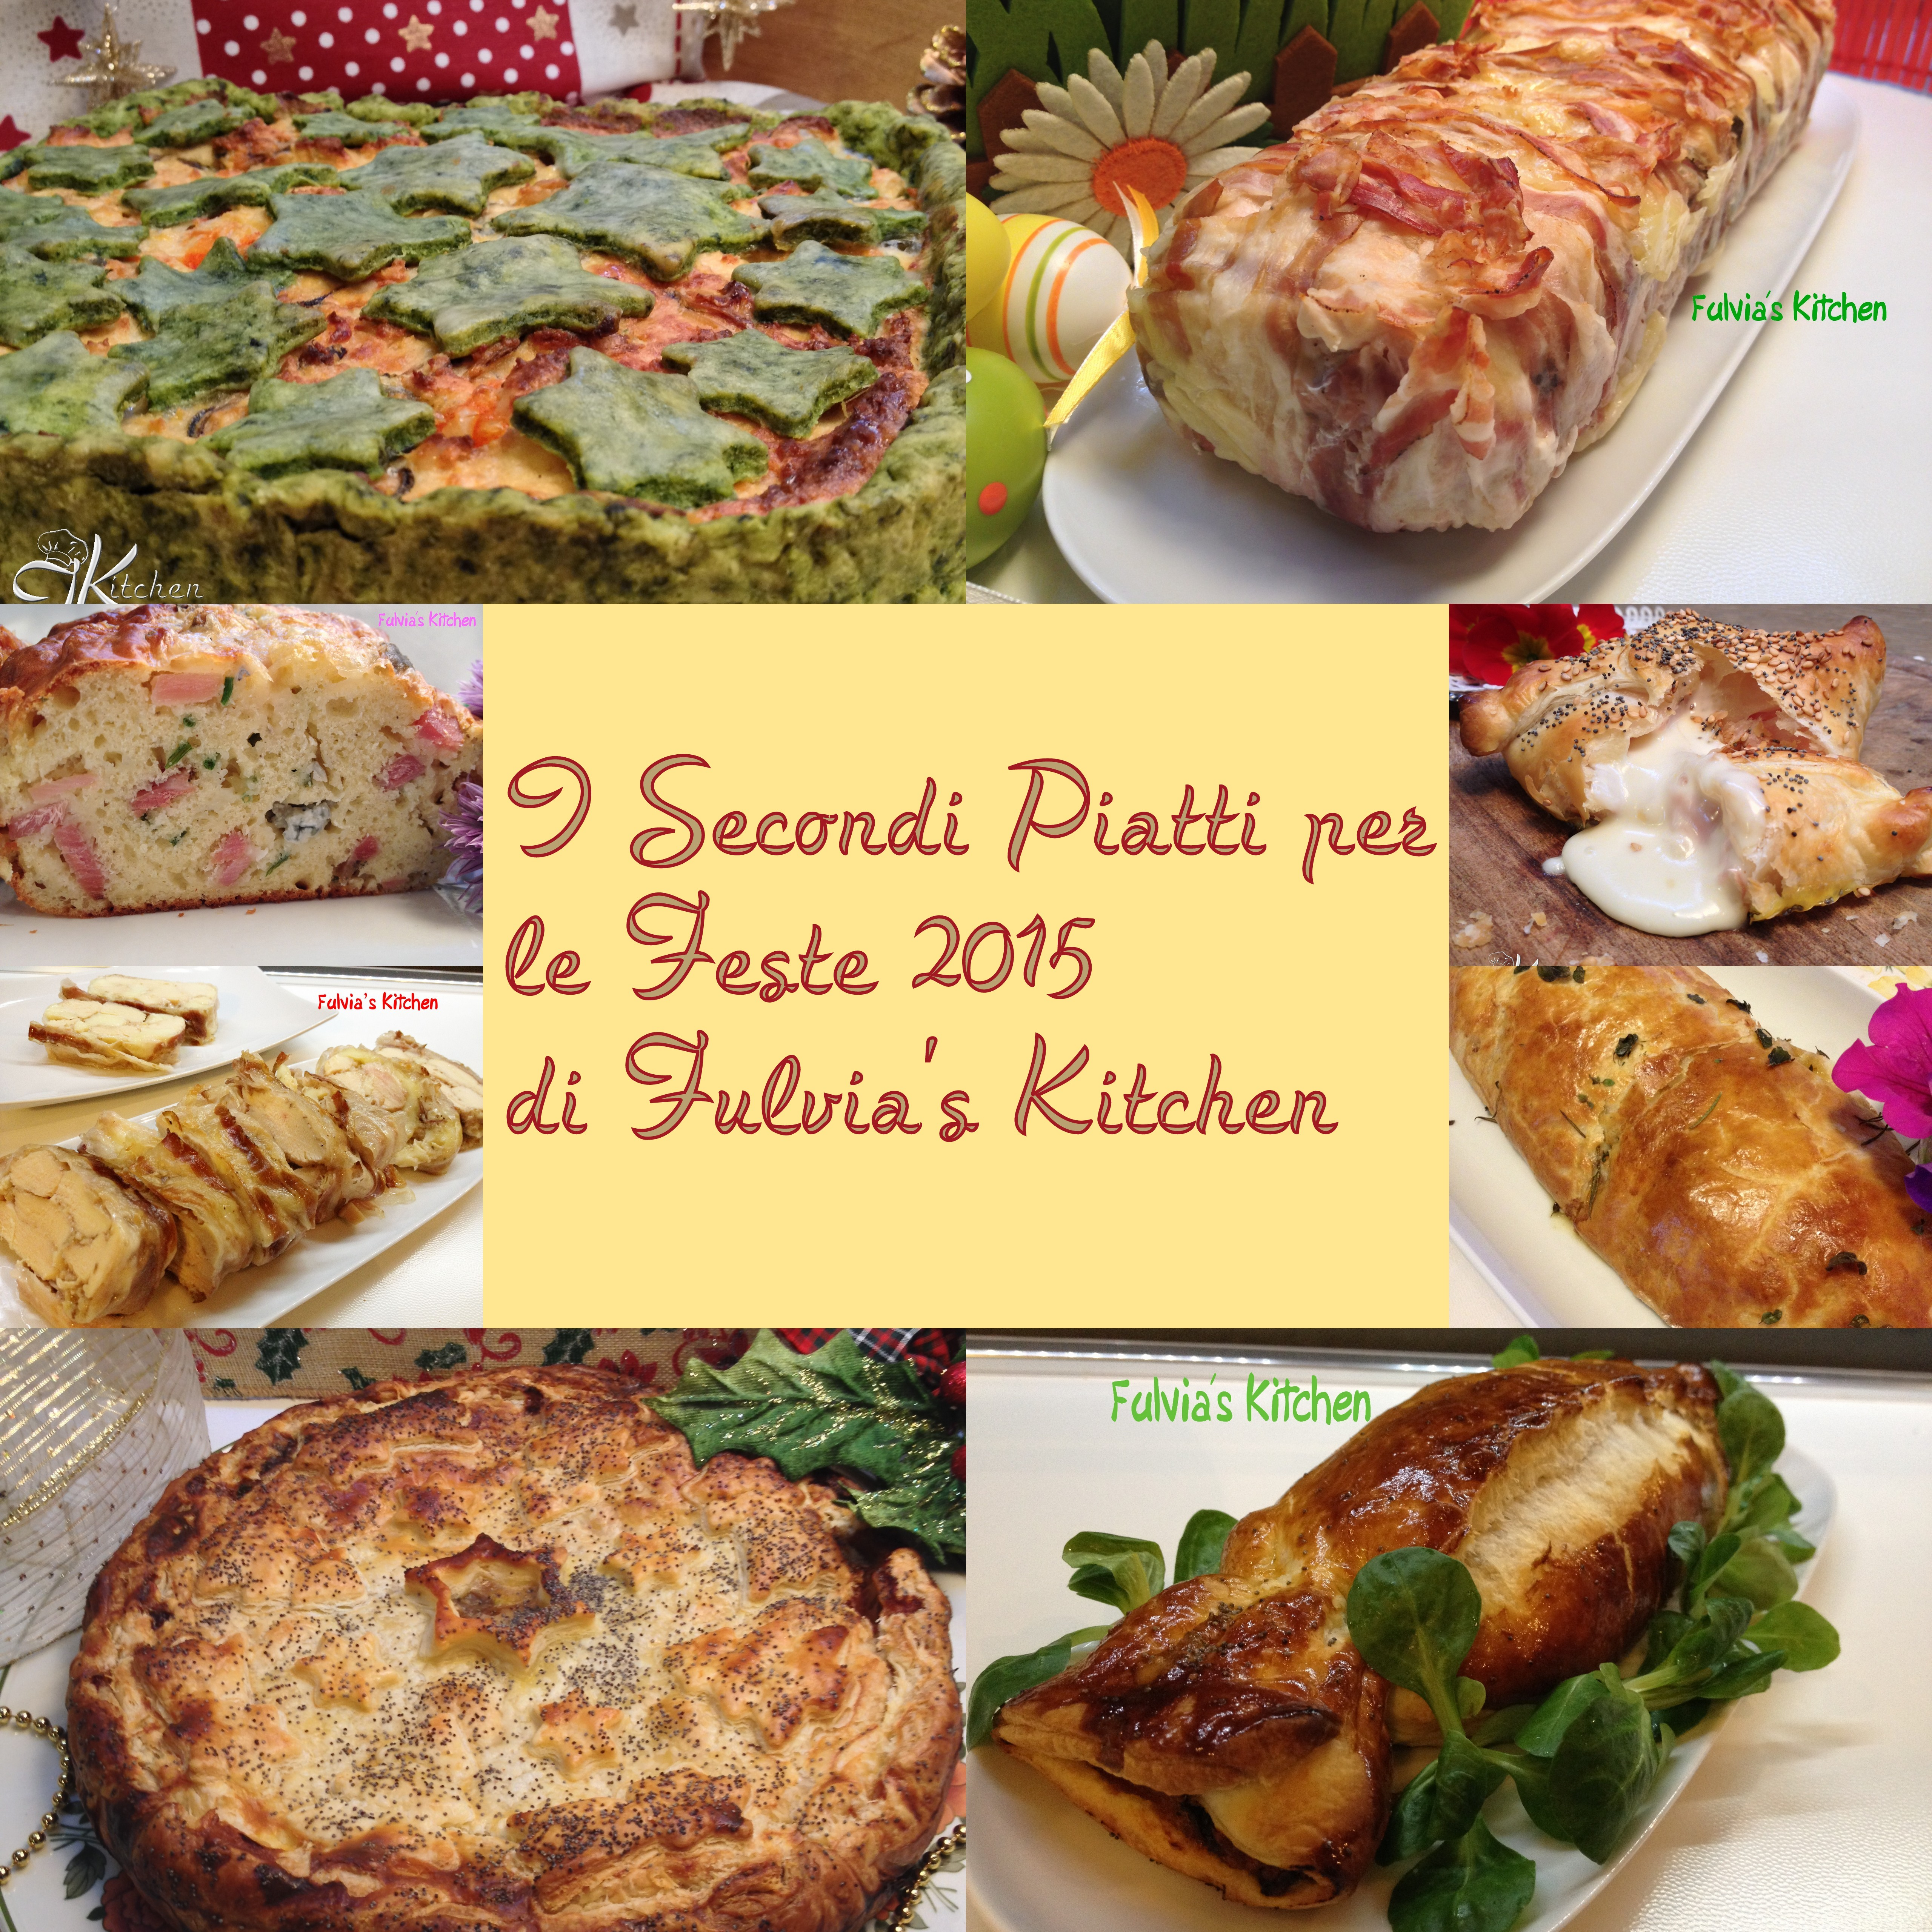 Secondi piatti per le Feste 2015